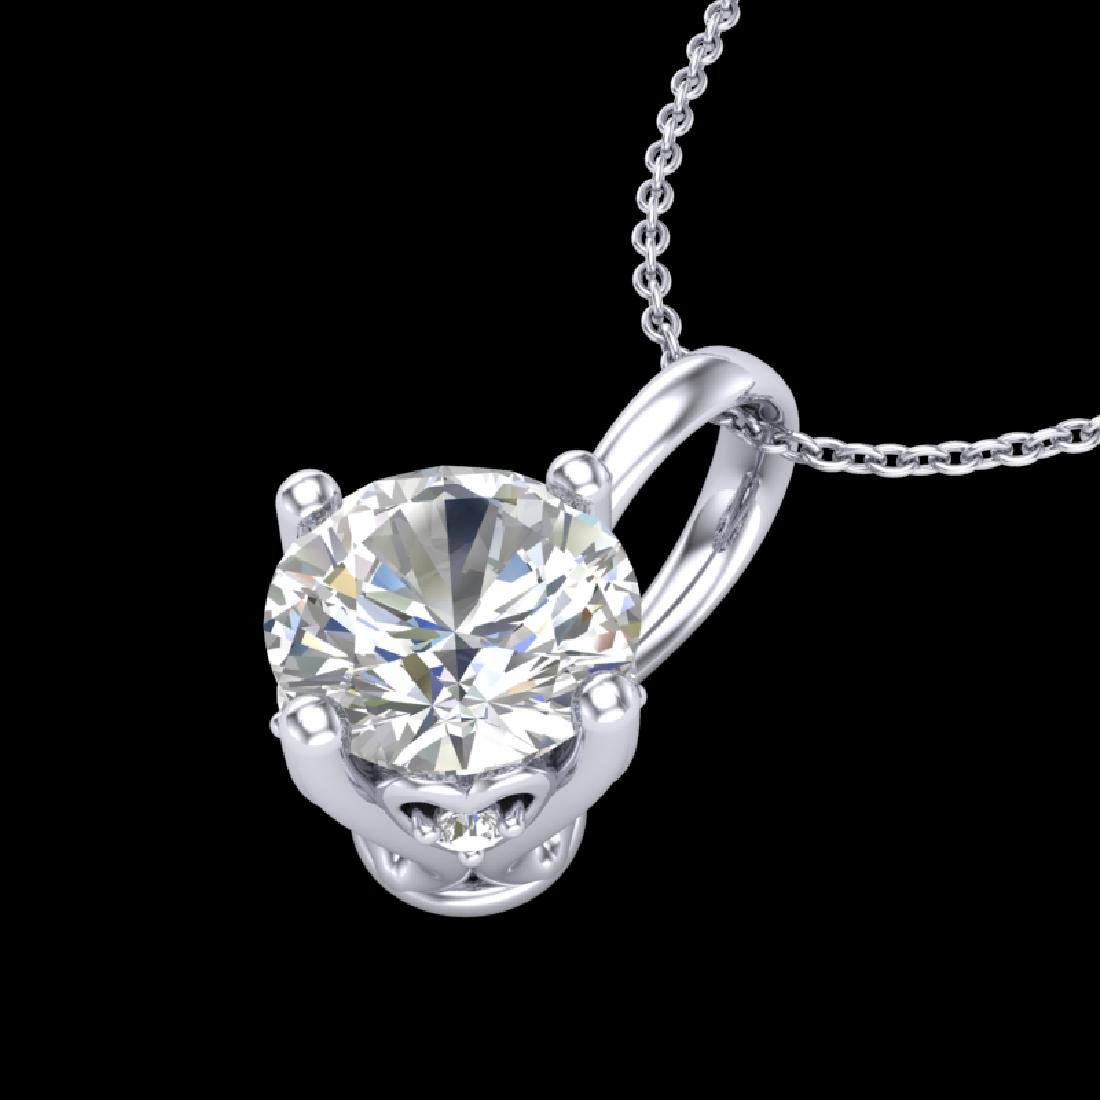 0.82 CTW VS/SI Diamond Solitaire Art Deco Stud Necklace - 2